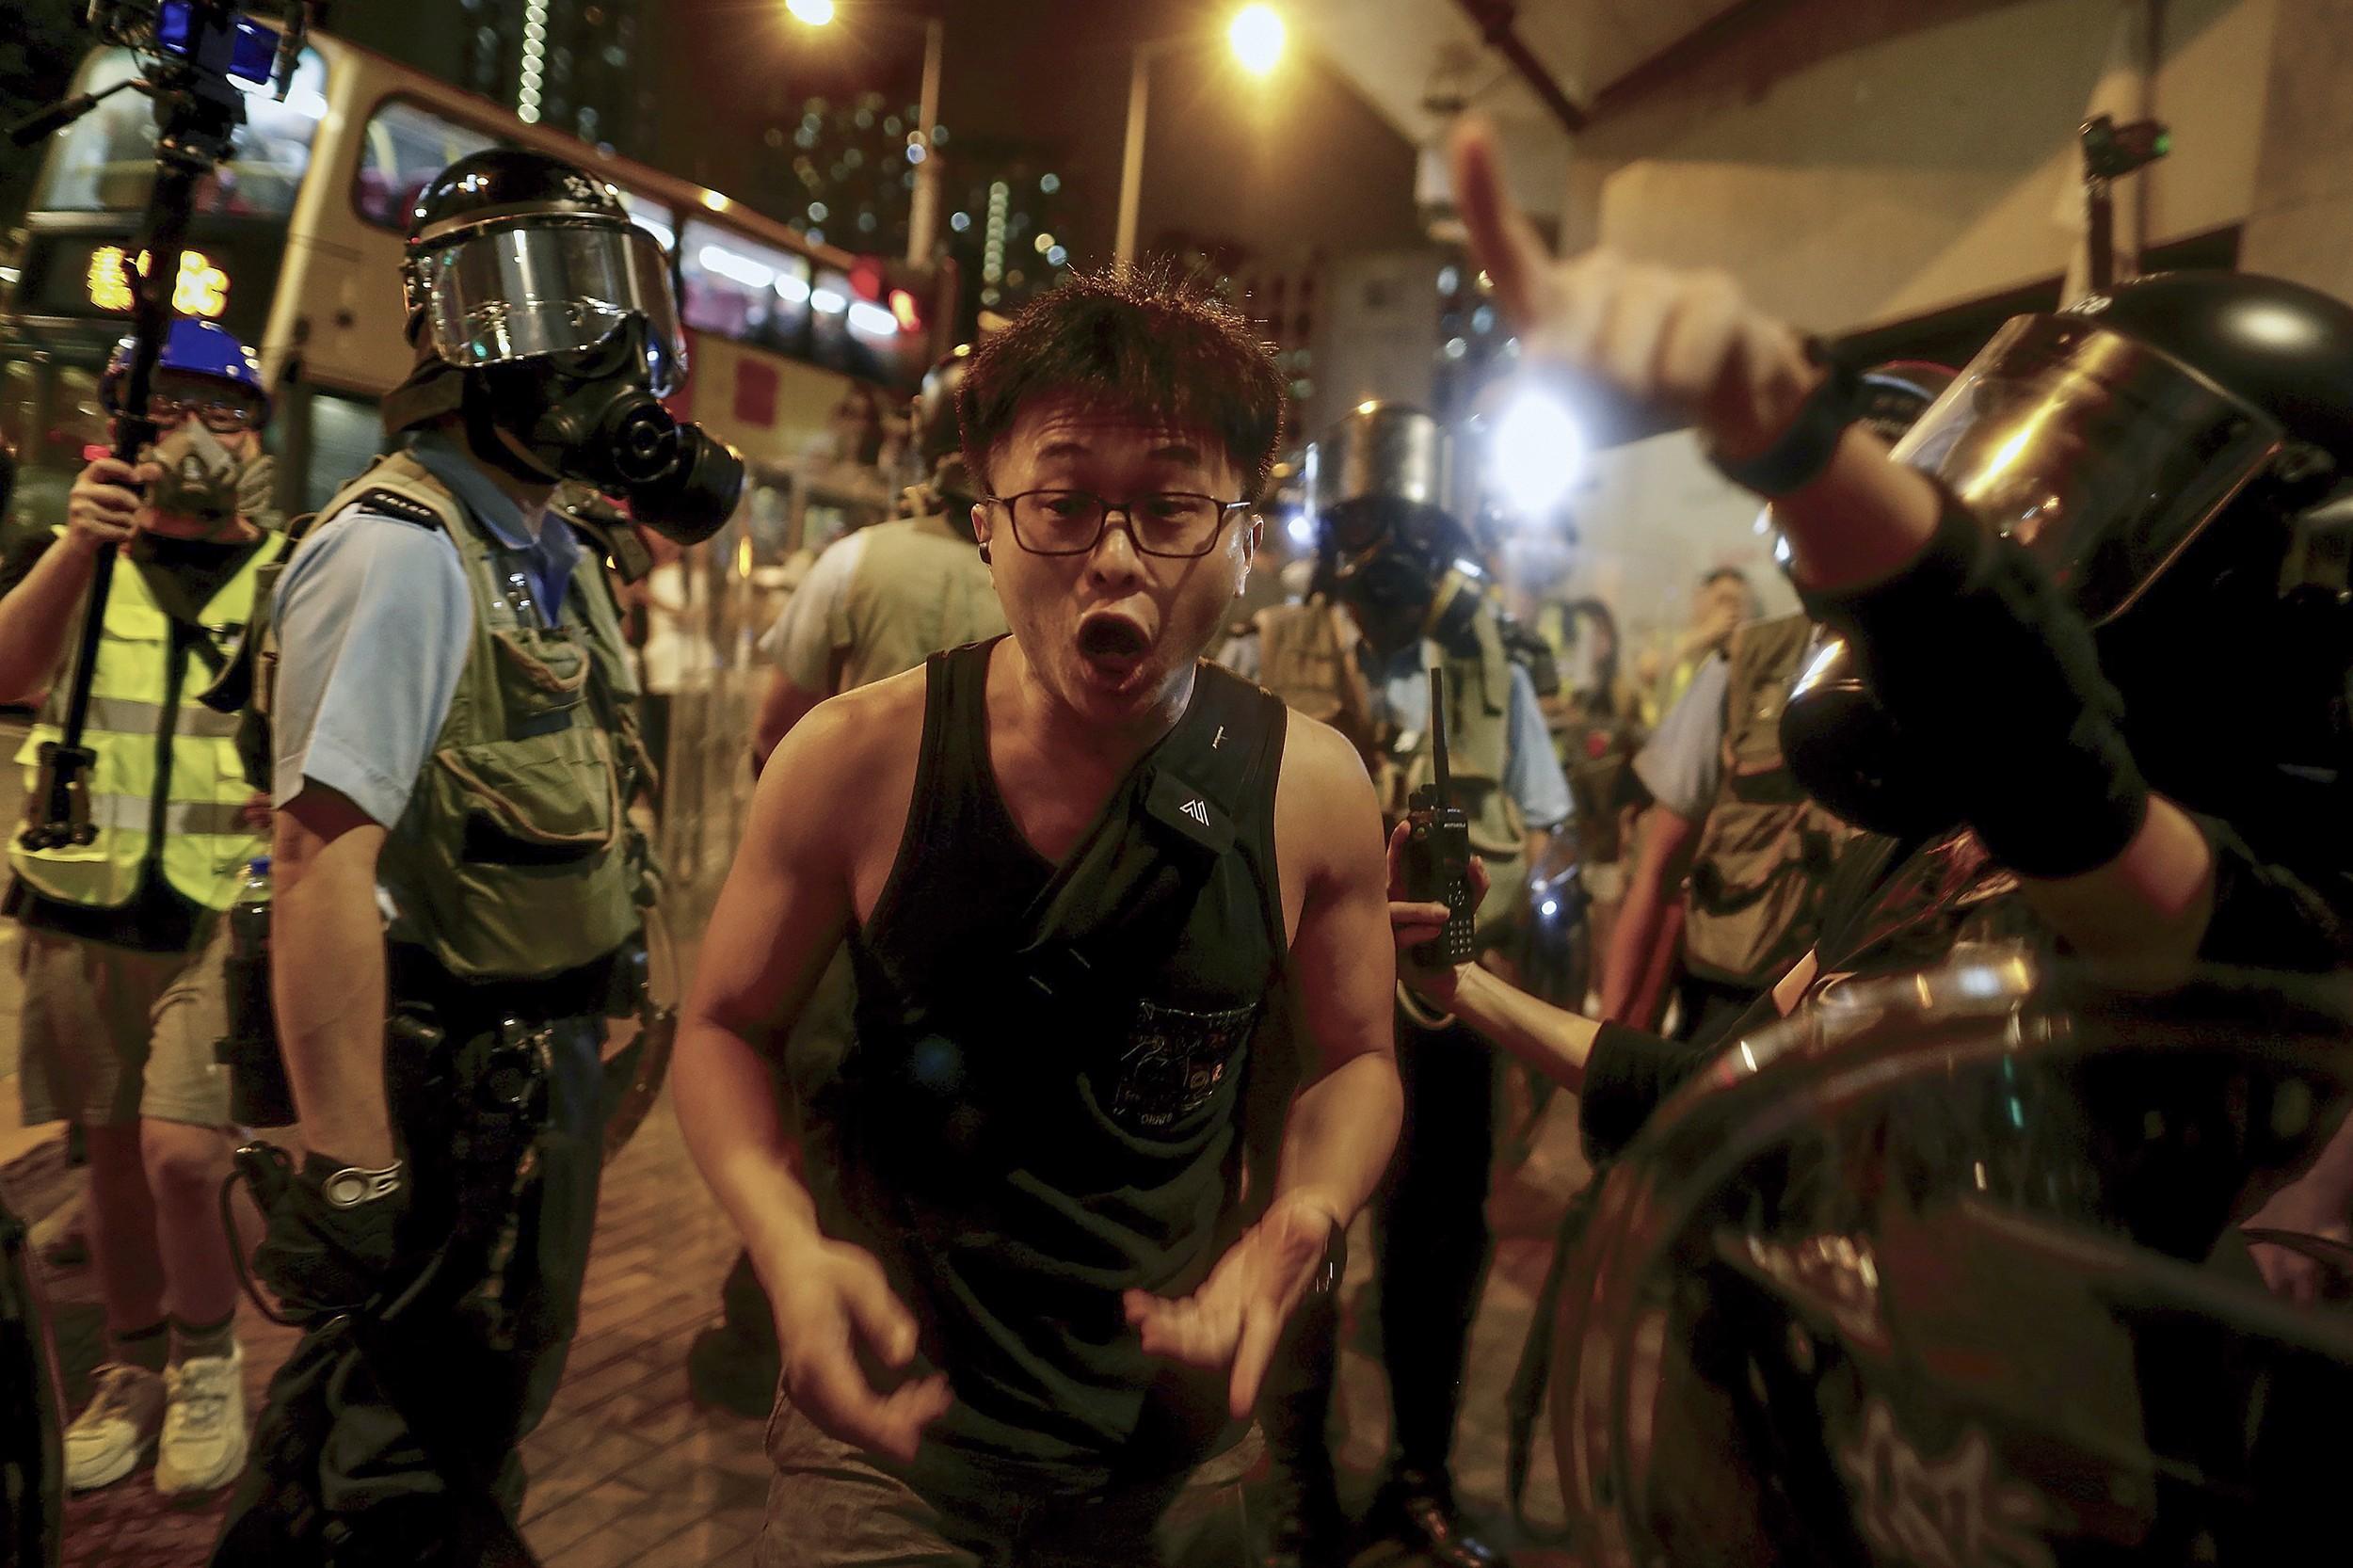 一名香港抗议者在警察要求他离开时与警察争执。(美联社)